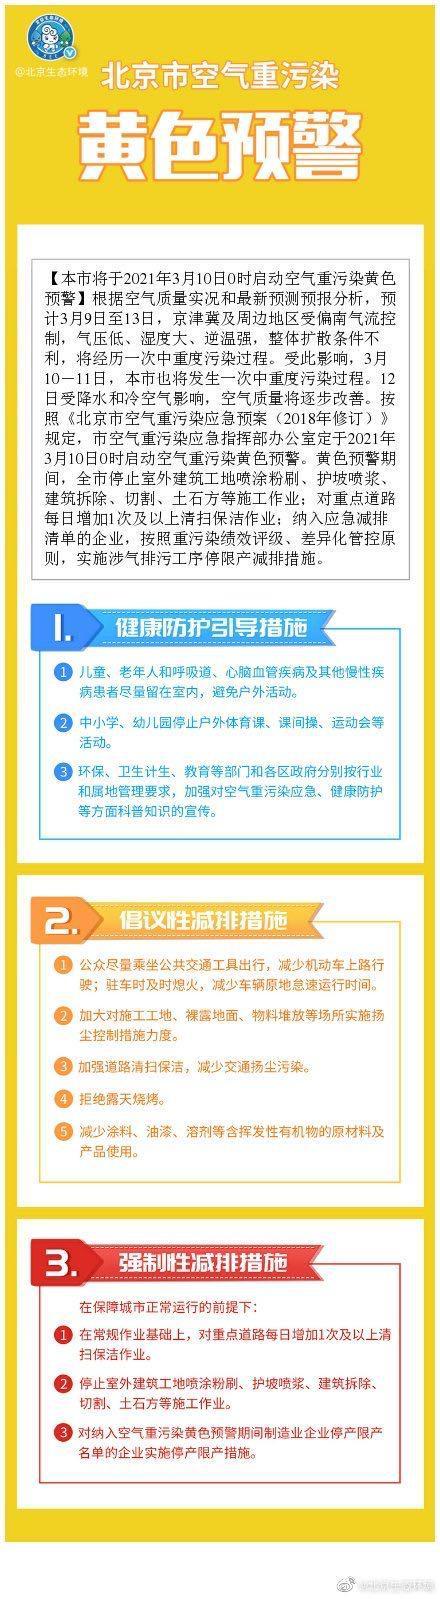 北京将于今晚24时启动空气重污染黄色预警图片